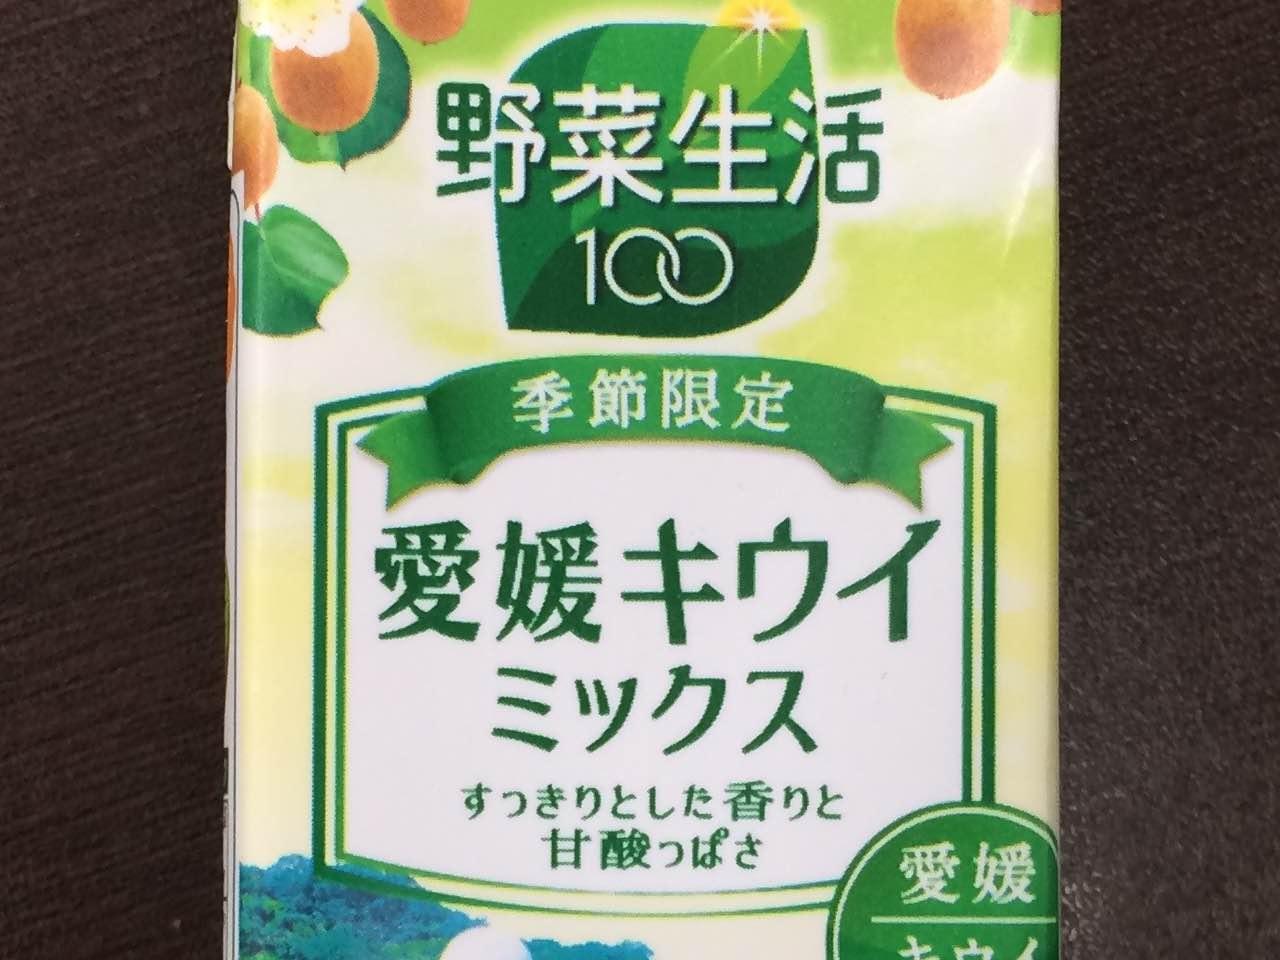 野菜生活100 愛媛キウイミックス